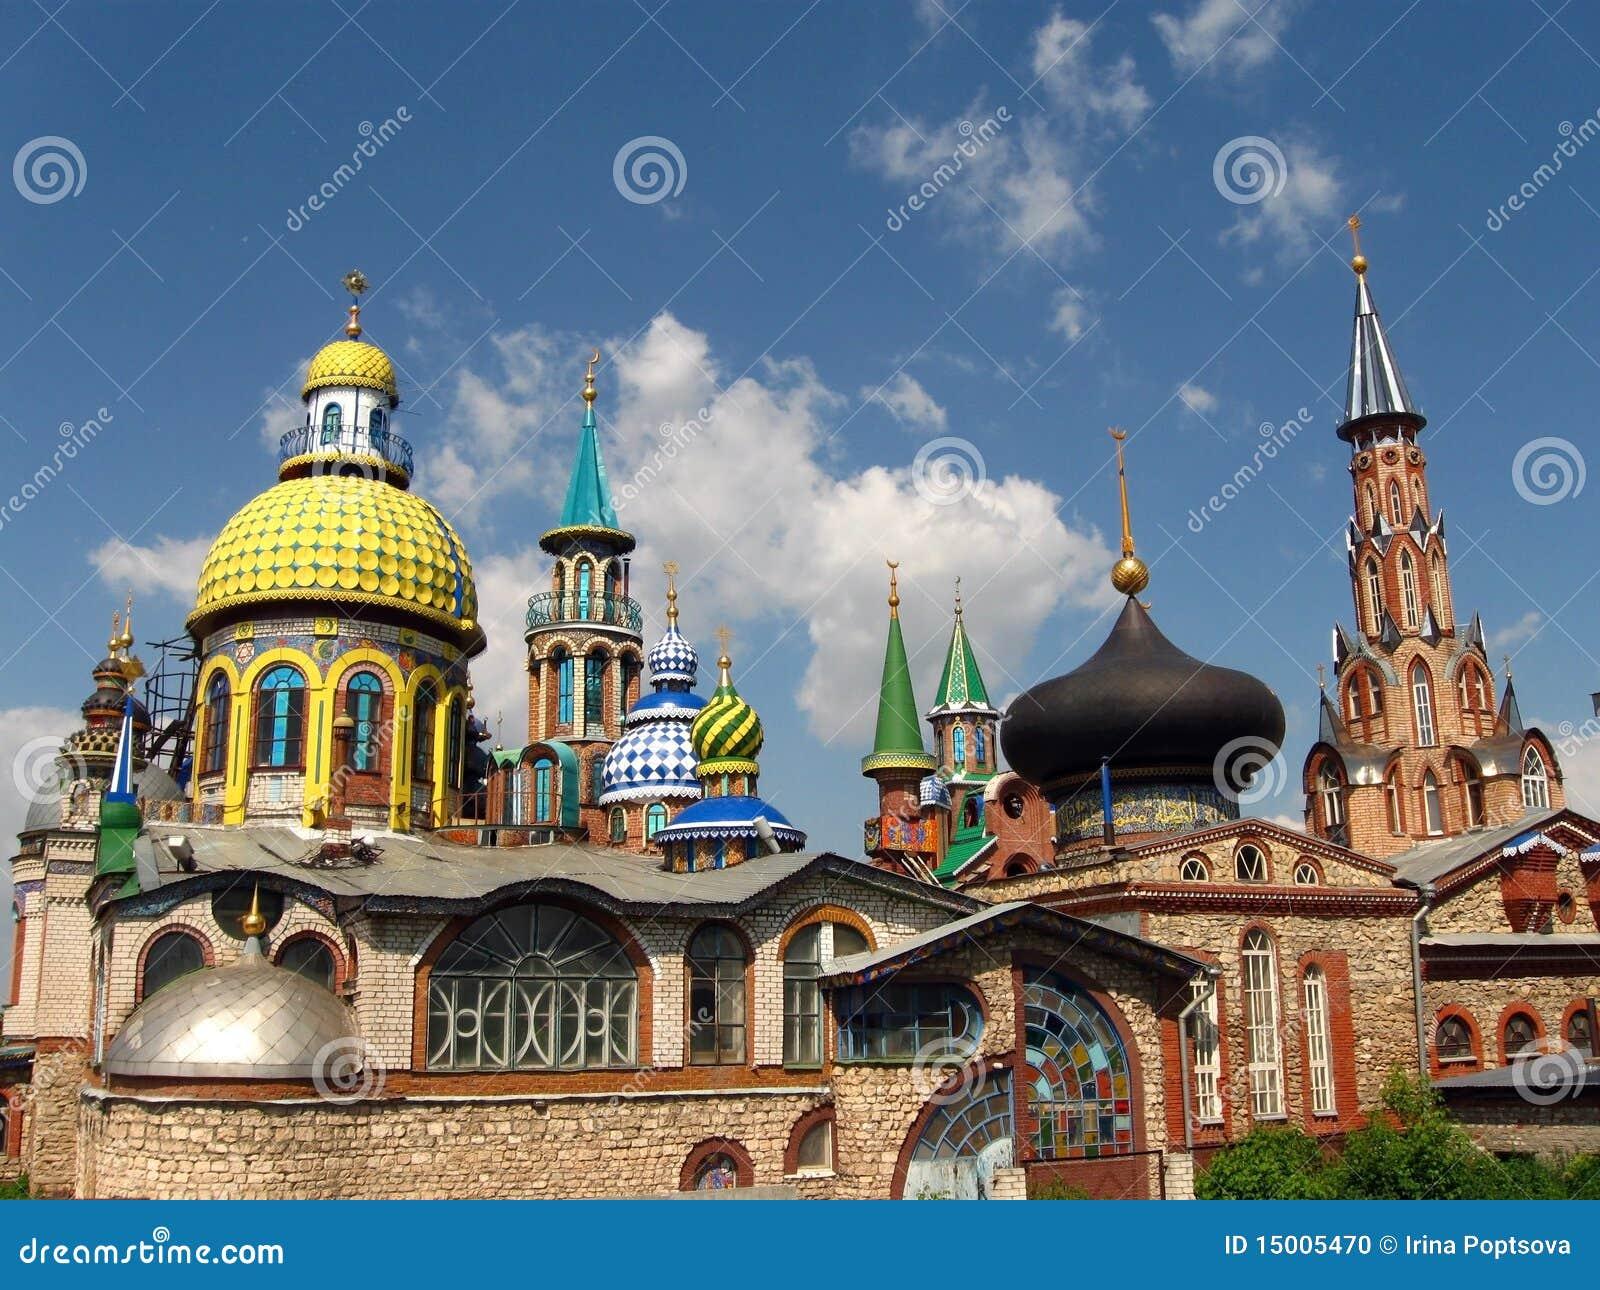 Tempel aller Religionen.